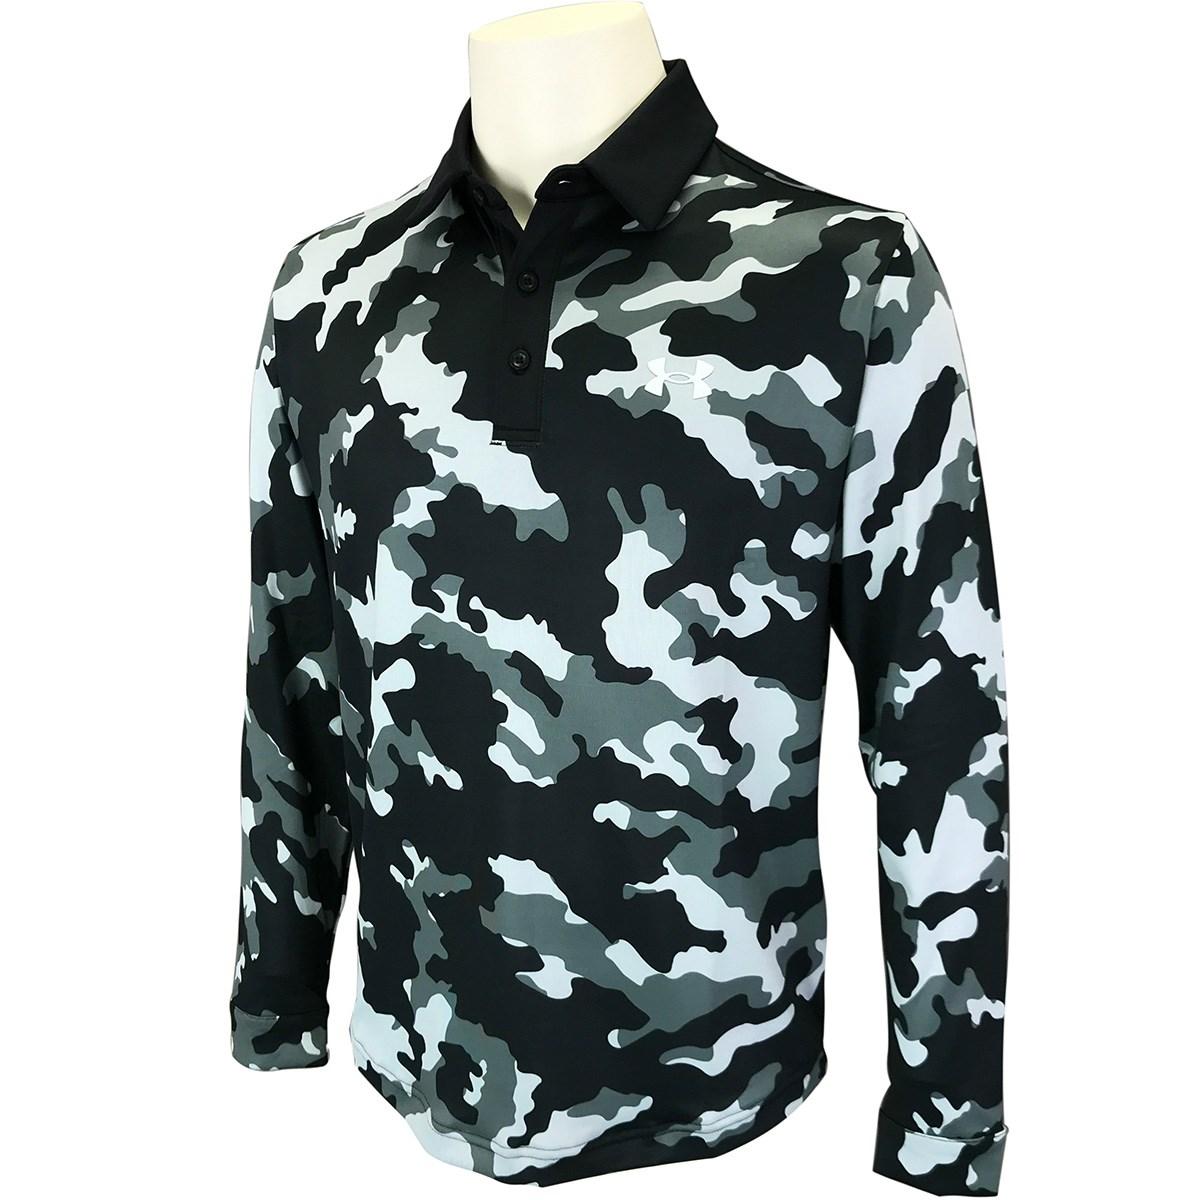 アンダーアーマー(UNDER ARMOUR) UA プレイオフ2.0 カモ 長袖ポロシャツ